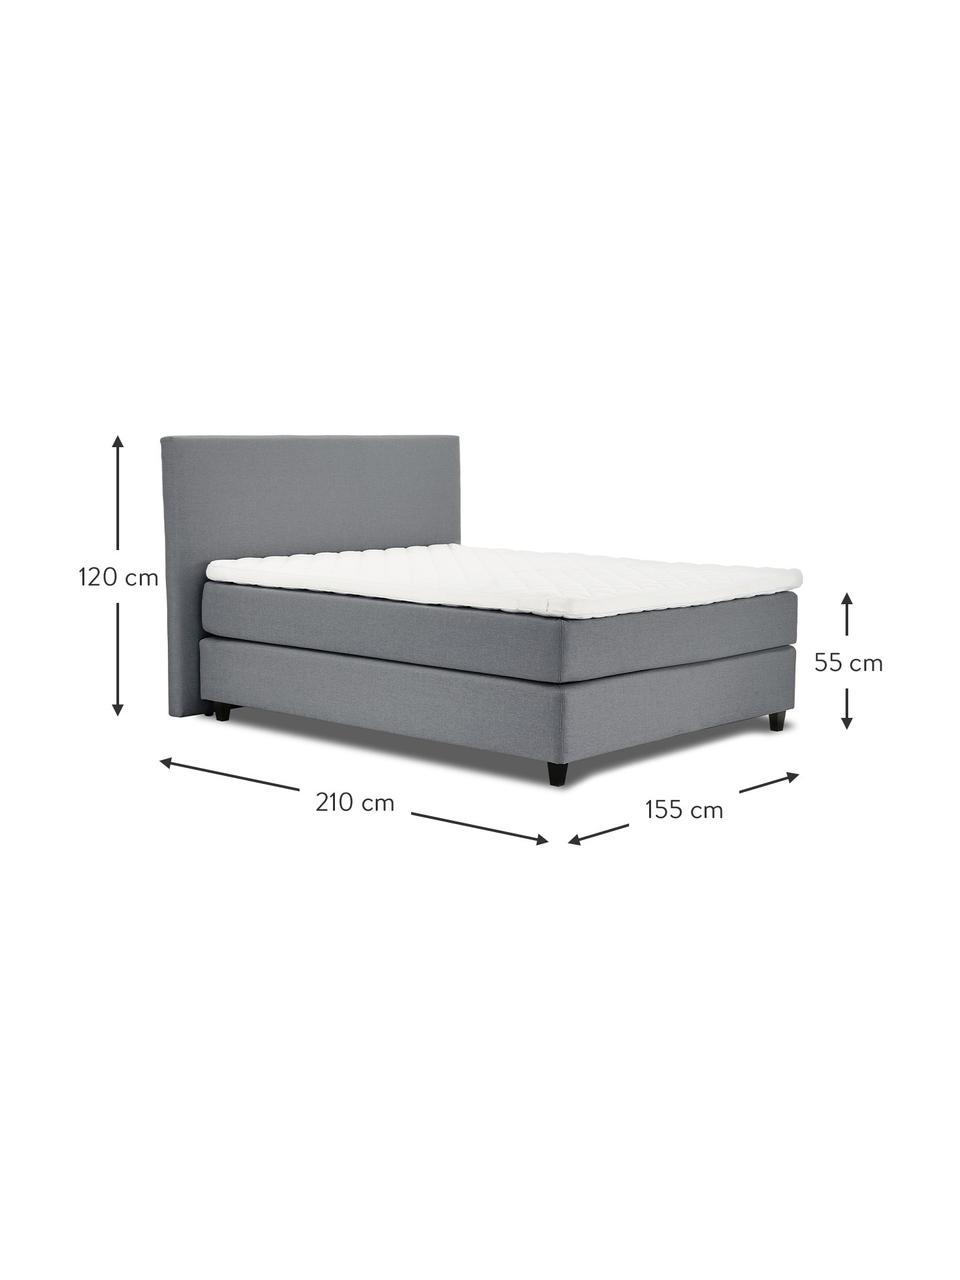 Łóżko kontynentalne premium Eliza, Nogi: lite drewno brzozowe, lak, Szary, 140 x 200 cm